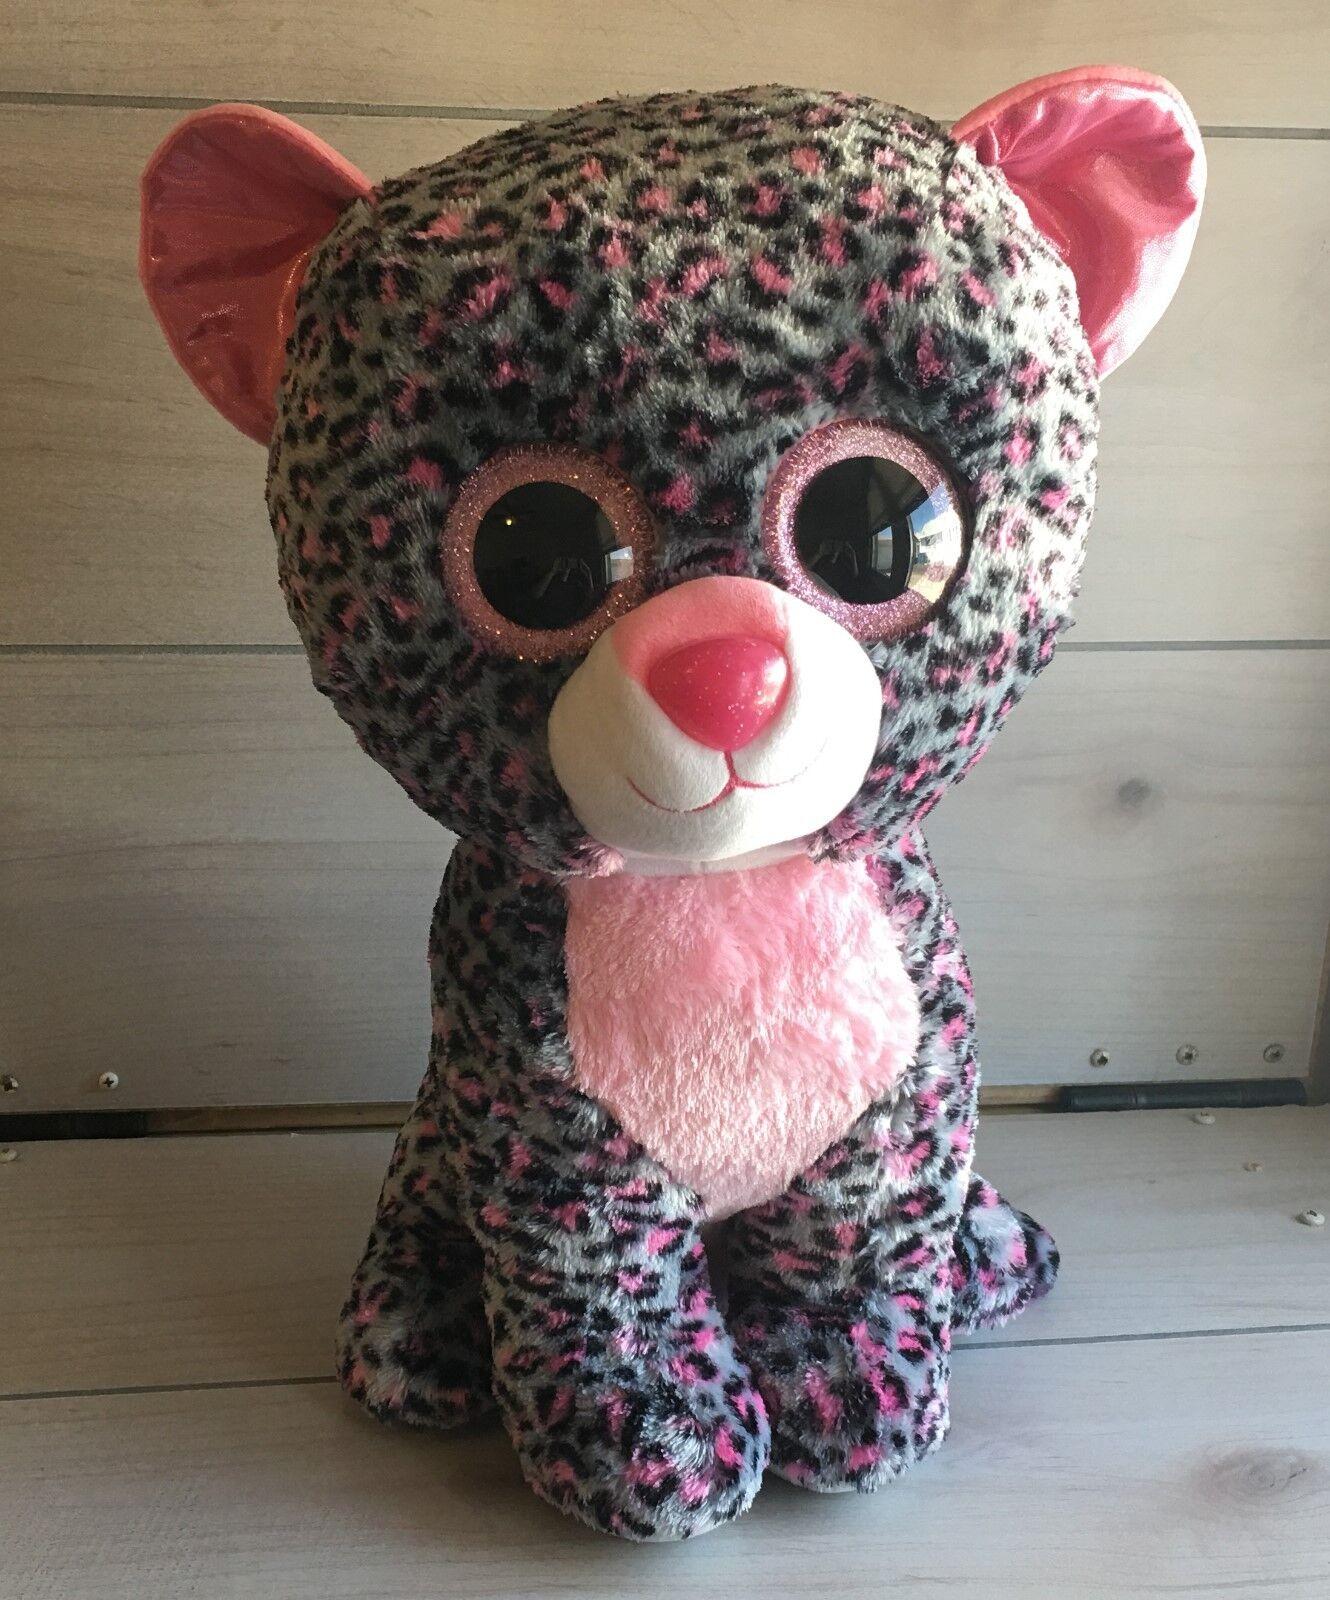 Ty mütze boos große tasha leopard katze weichen.18 - zoll - gefüllte spielzeug justiz jumbo